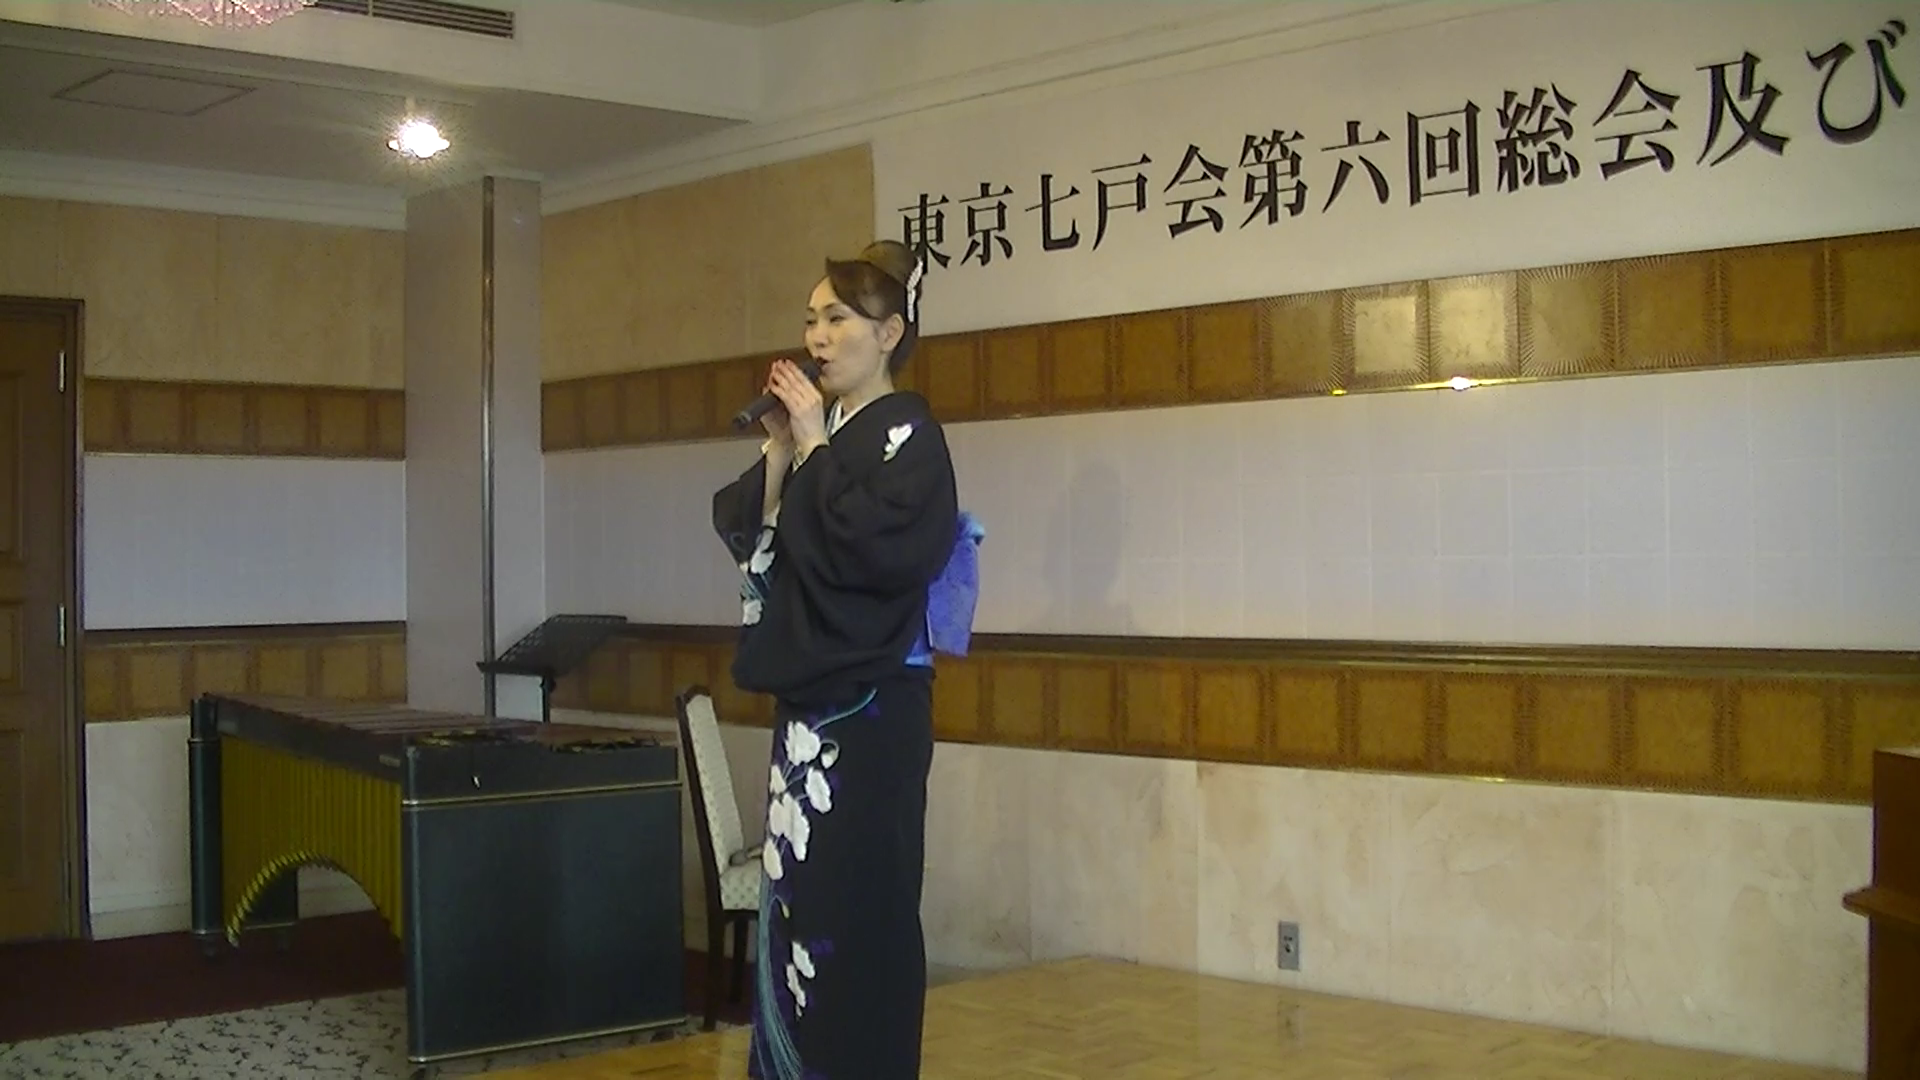 2017年11月11日第6回東京七戸会総会